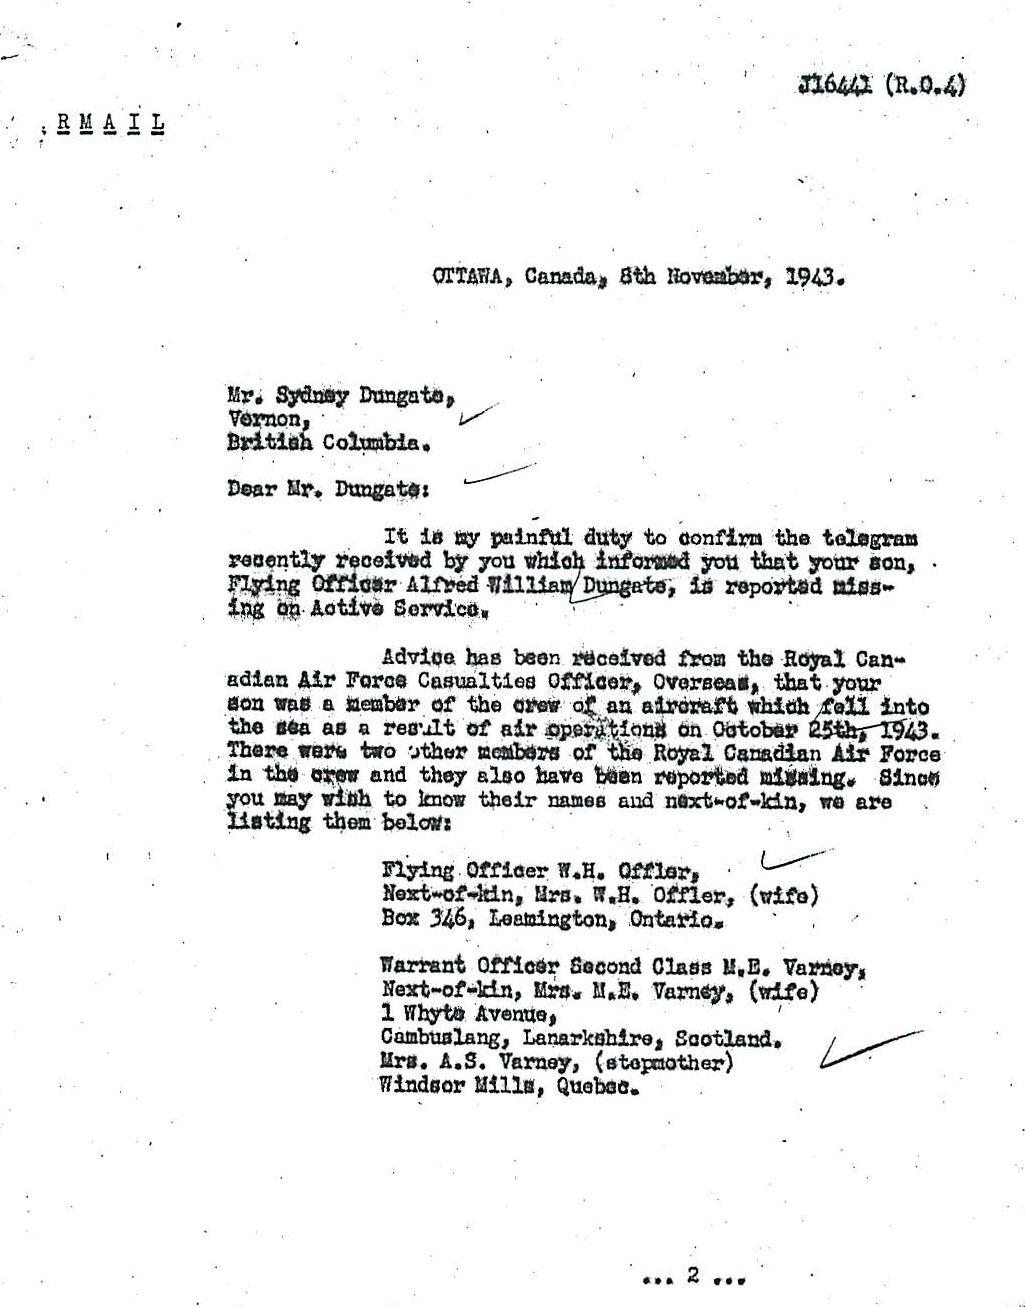 Letter (November 8, 1943)